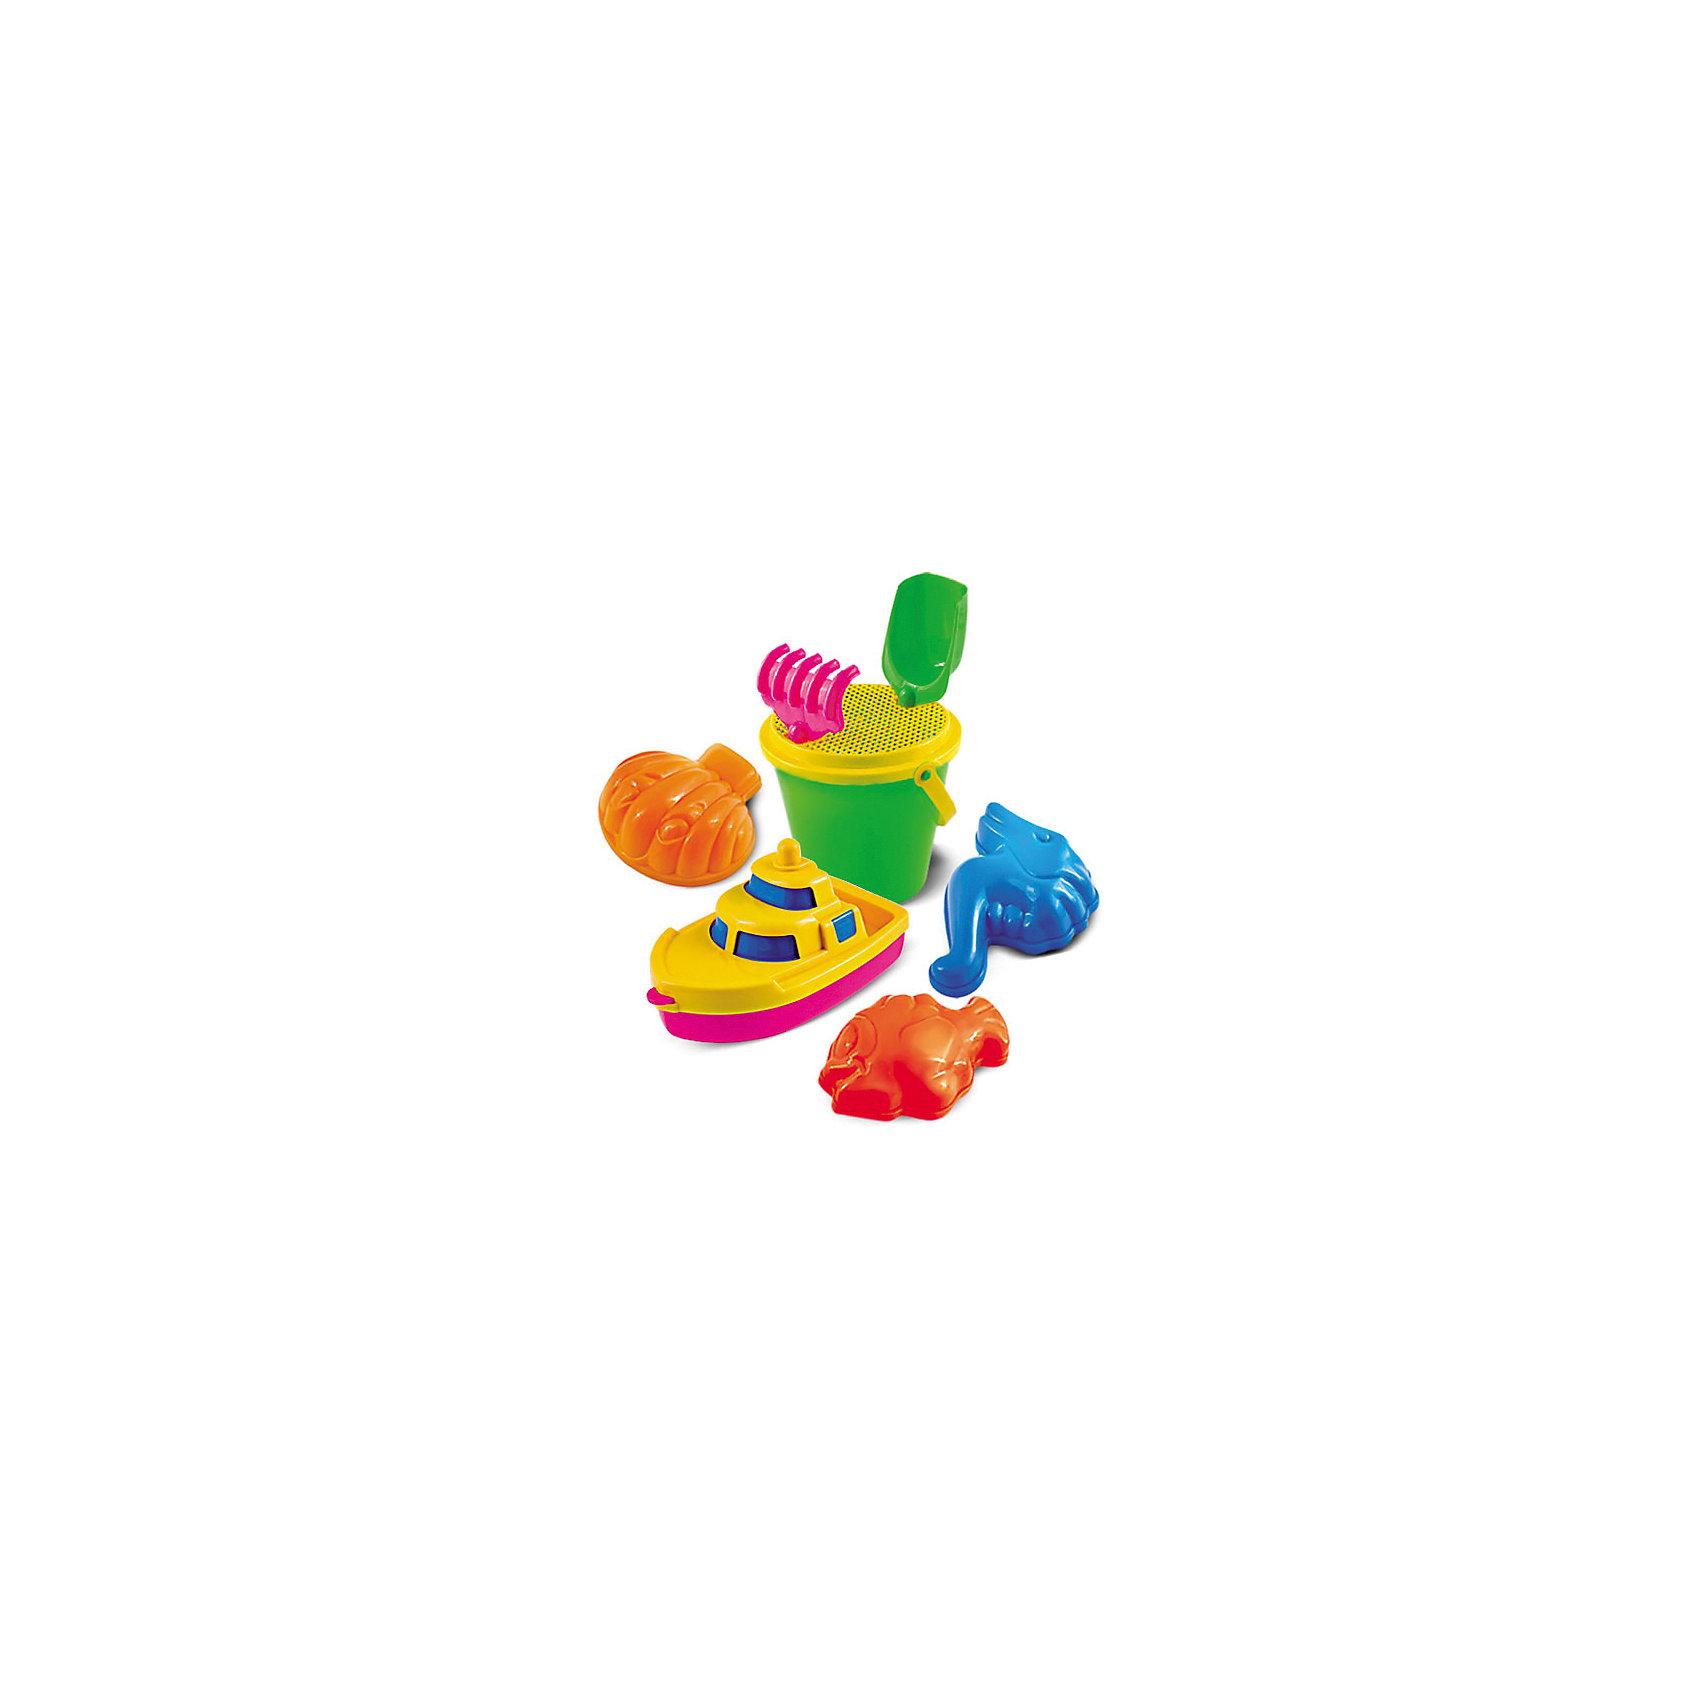 Набор для песка №63, НордпластИграем в песочнице<br>Набор для песка №63, Нордпласт – яркие, прочные игрушки сделают каждую игру вашего малыша на улице еще веселее и интереснее.<br>Набор для песка привлечет внимание каждого ребенка, ведь с яркими игрушками проводить время в песочнице или на пляже станет гораздо интереснее. Набор для игры в песочнице состоит из ярких формочек в виде ракушки, морского конька и рыбки, а также в комплект входят грабельки, совок, ведро, сито и пароходик (разбирается). Верх ведерка закрывается крышкой-ситом с креплениями для совка и грабелек. Изготовлено из пищевой пластмассы, не имеющей неприятных запахов, что обеспечивает дополнительную безопасность при их использовании детьми младших возрастов.<br><br>Дополнительная информация:<br><br>- В наборе: пароходик, формочки 3 шт., совок, грабли, ведро, сито<br>- Материал: высококачественная пластмасса<br>- Вес: 210 гр.<br><br>Набор для песка №63, Нордпласт можно купить в нашем интернет-магазине.<br><br>Ширина мм: 0<br>Глубина мм: 0<br>Высота мм: 0<br>Вес г: 210<br>Возраст от месяцев: 36<br>Возраст до месяцев: 72<br>Пол: Унисекс<br>Возраст: Детский<br>SKU: 4112737